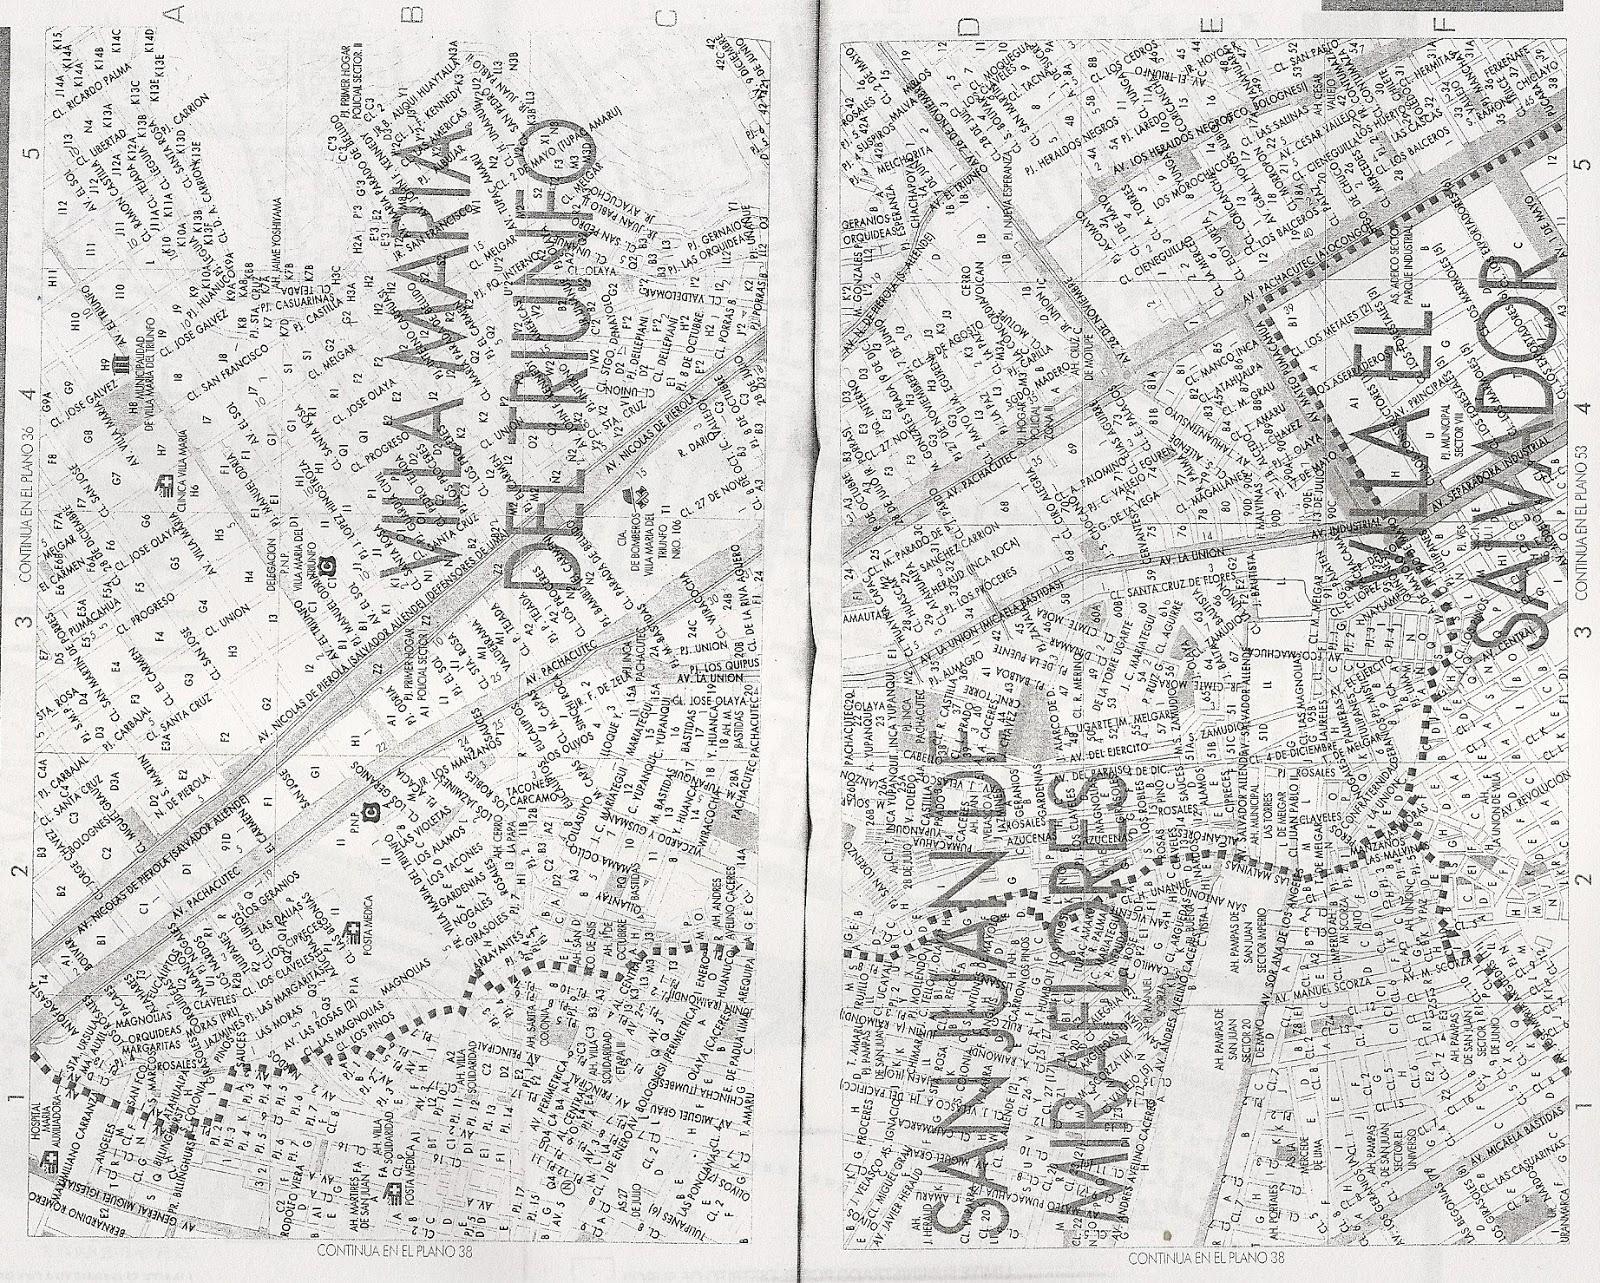 Para mis tareas mapa diagrama villa mar a del triunfo for Plano de villa el salvador